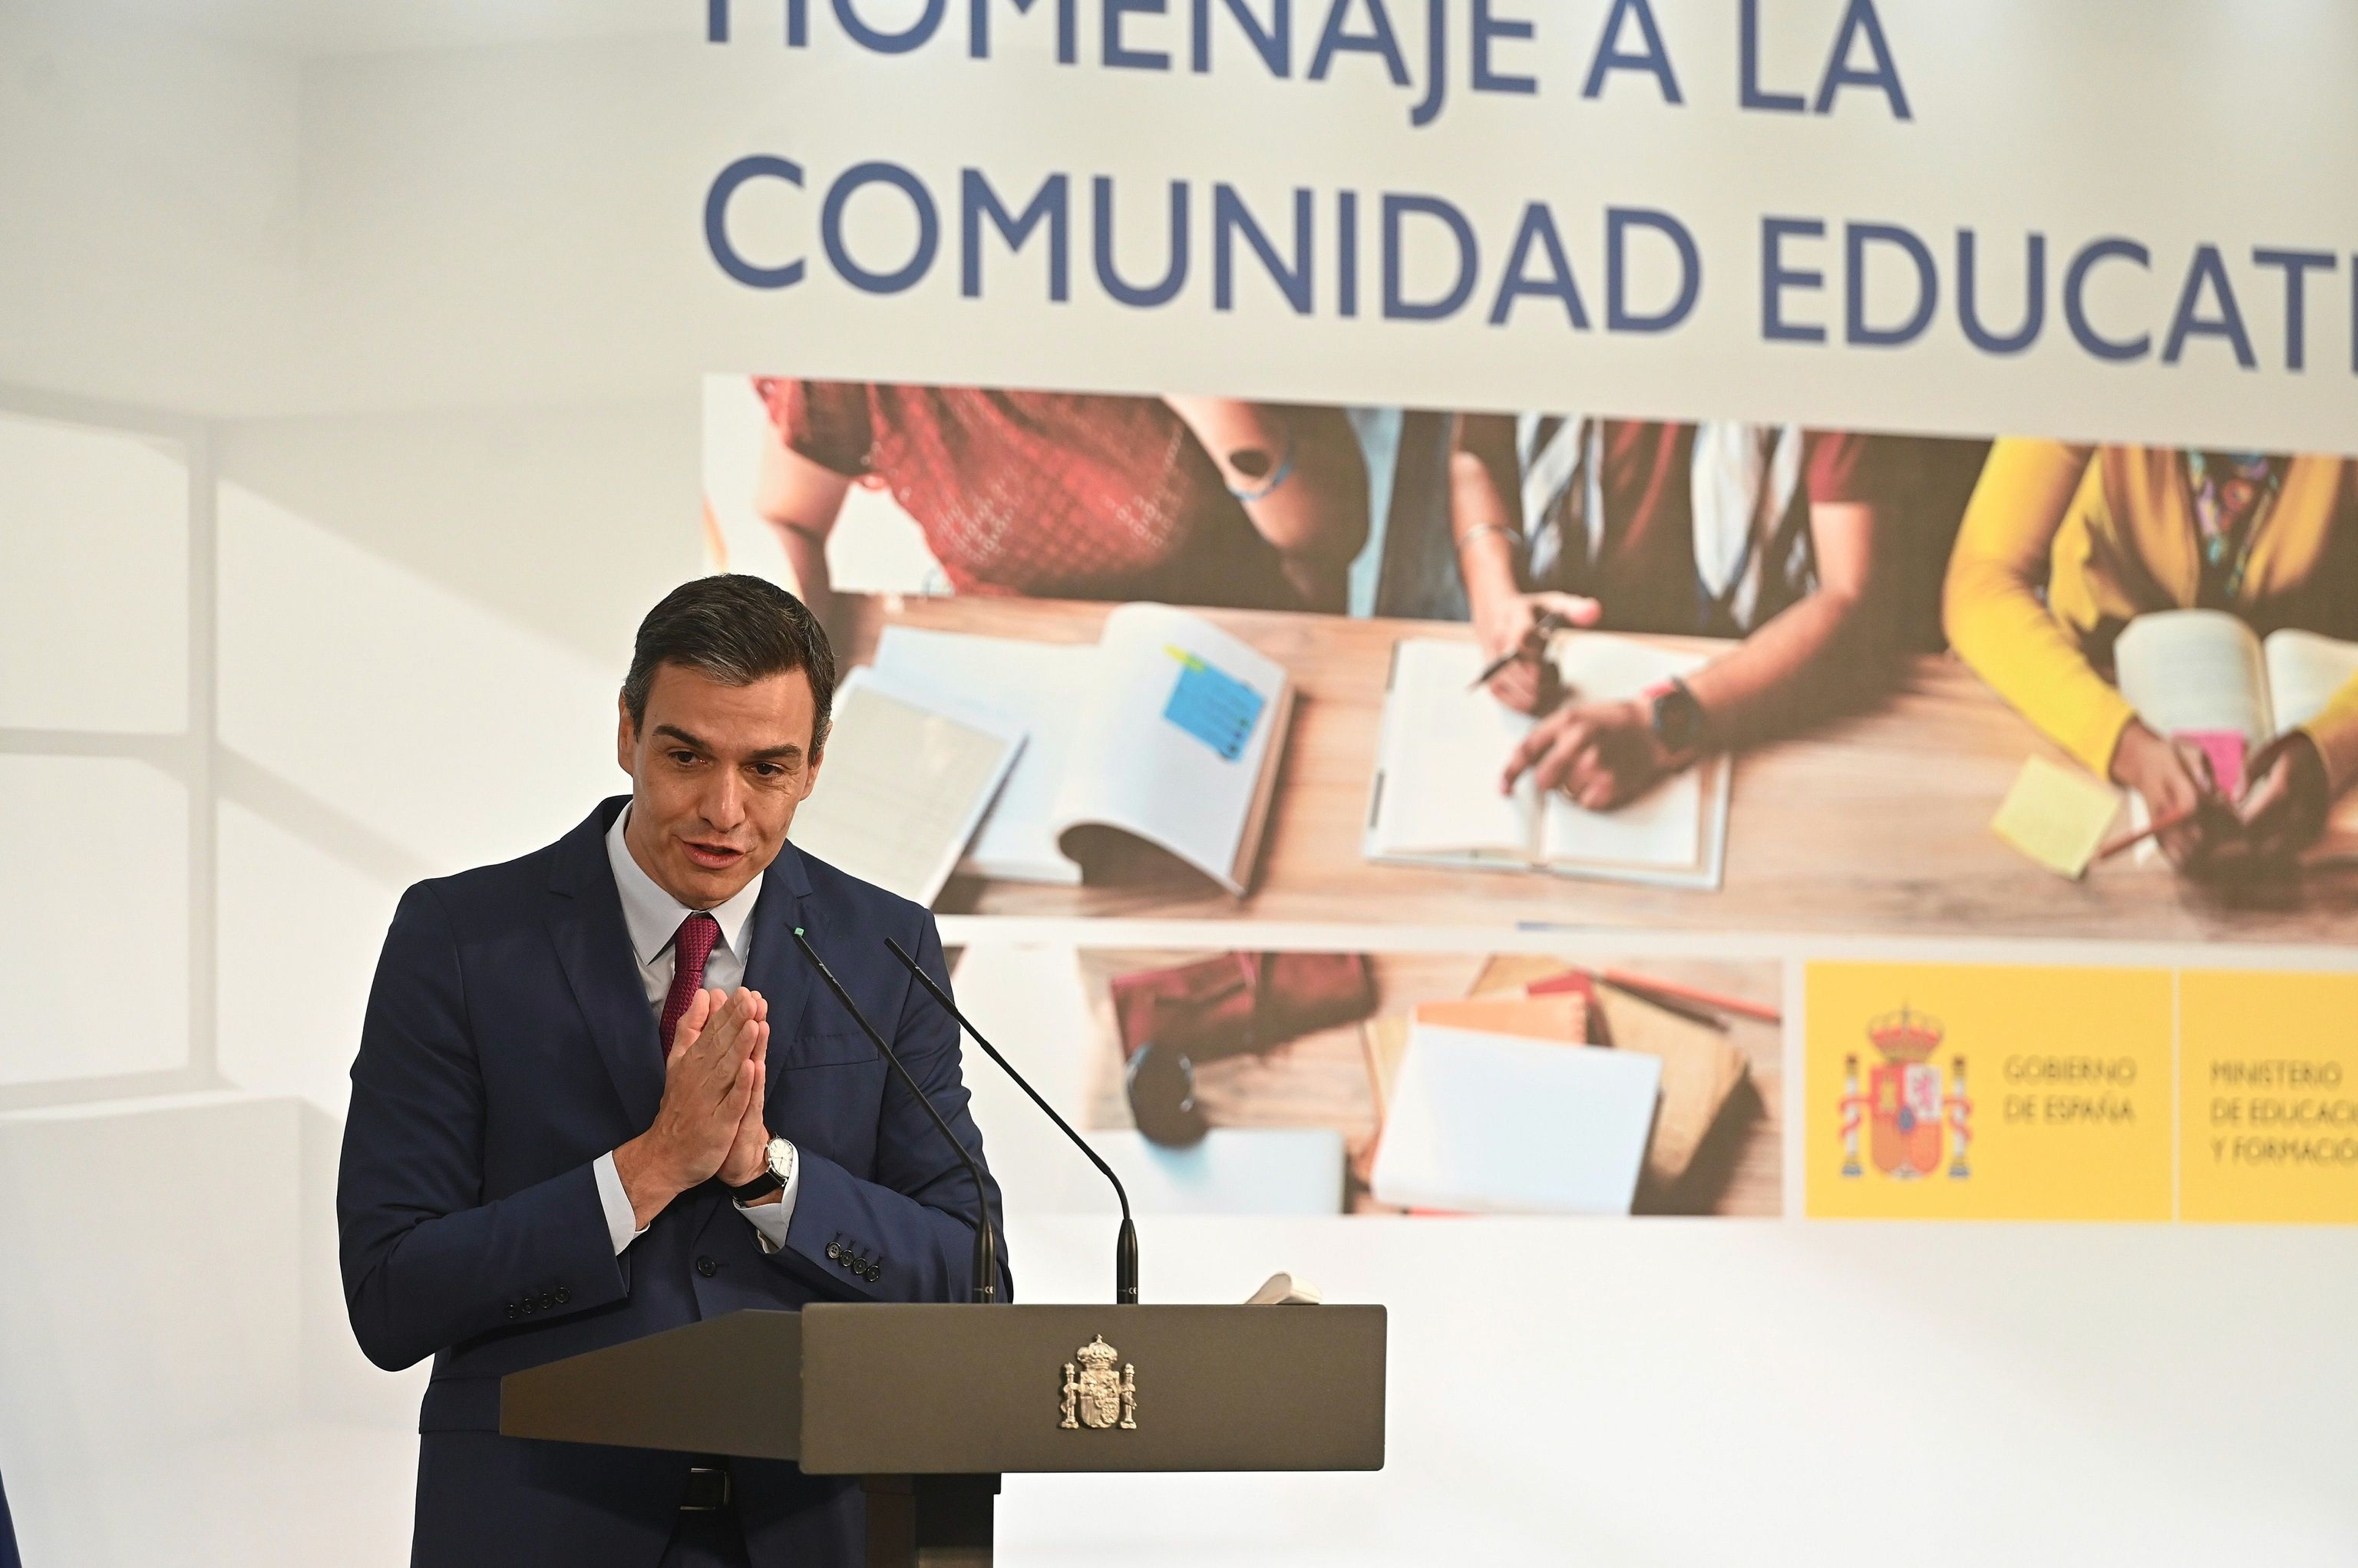 Pedro Sánchez, este sábado, en un acto homenaje a la comunidad educativa.